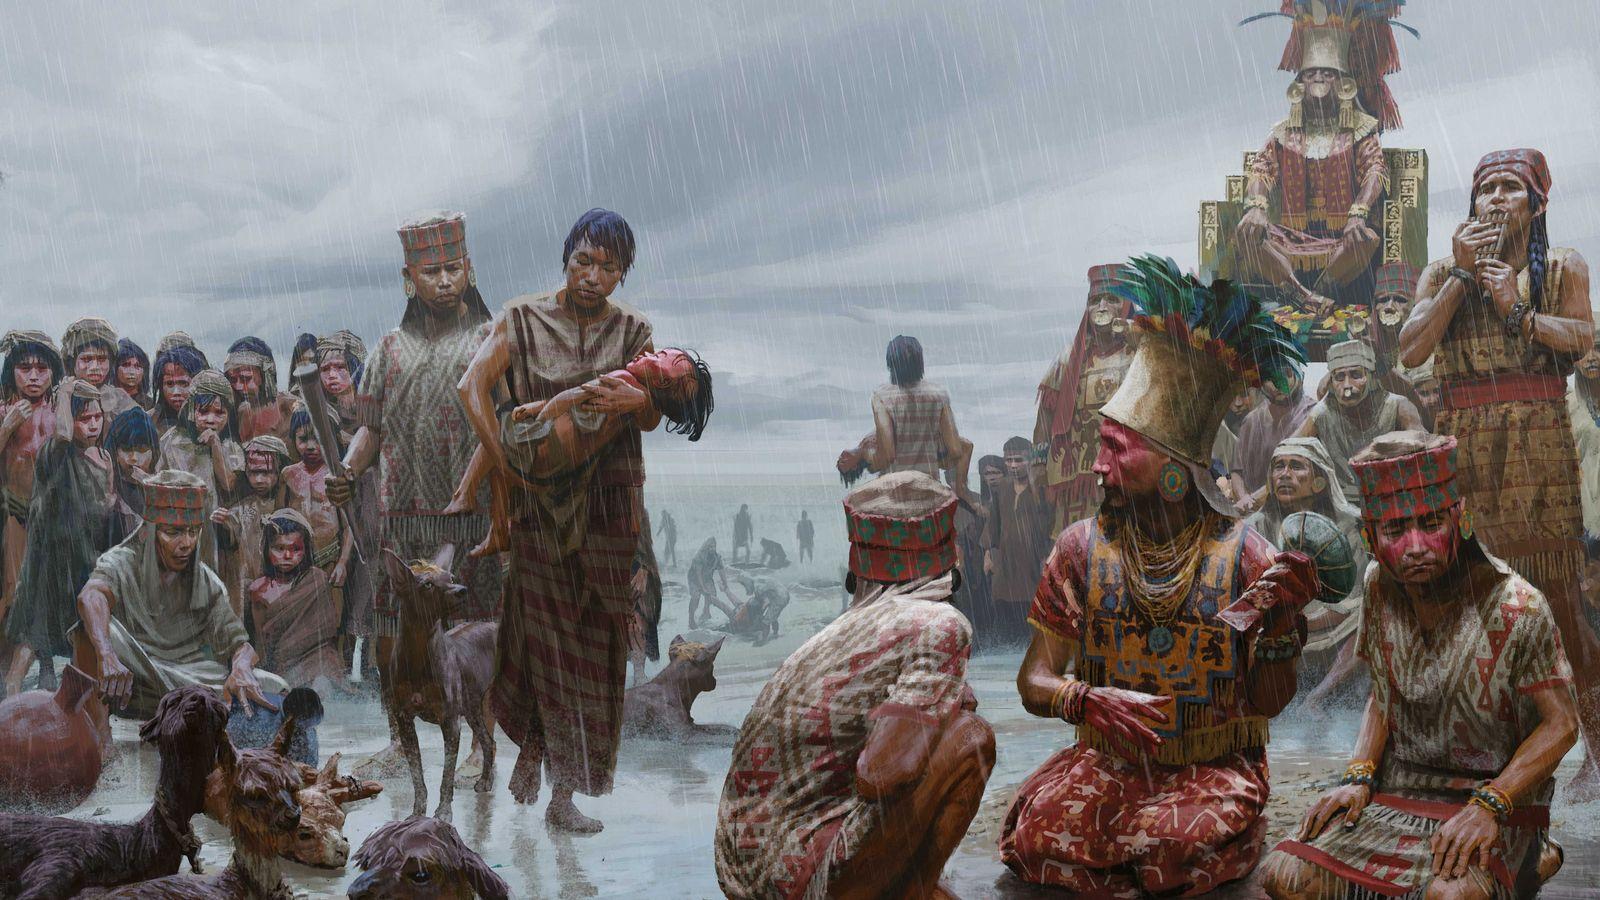 Dans cette scène reconstituée, un bourreau chimú attend une jeune victime du sacrifice collectif, à Huanchaquito. ...